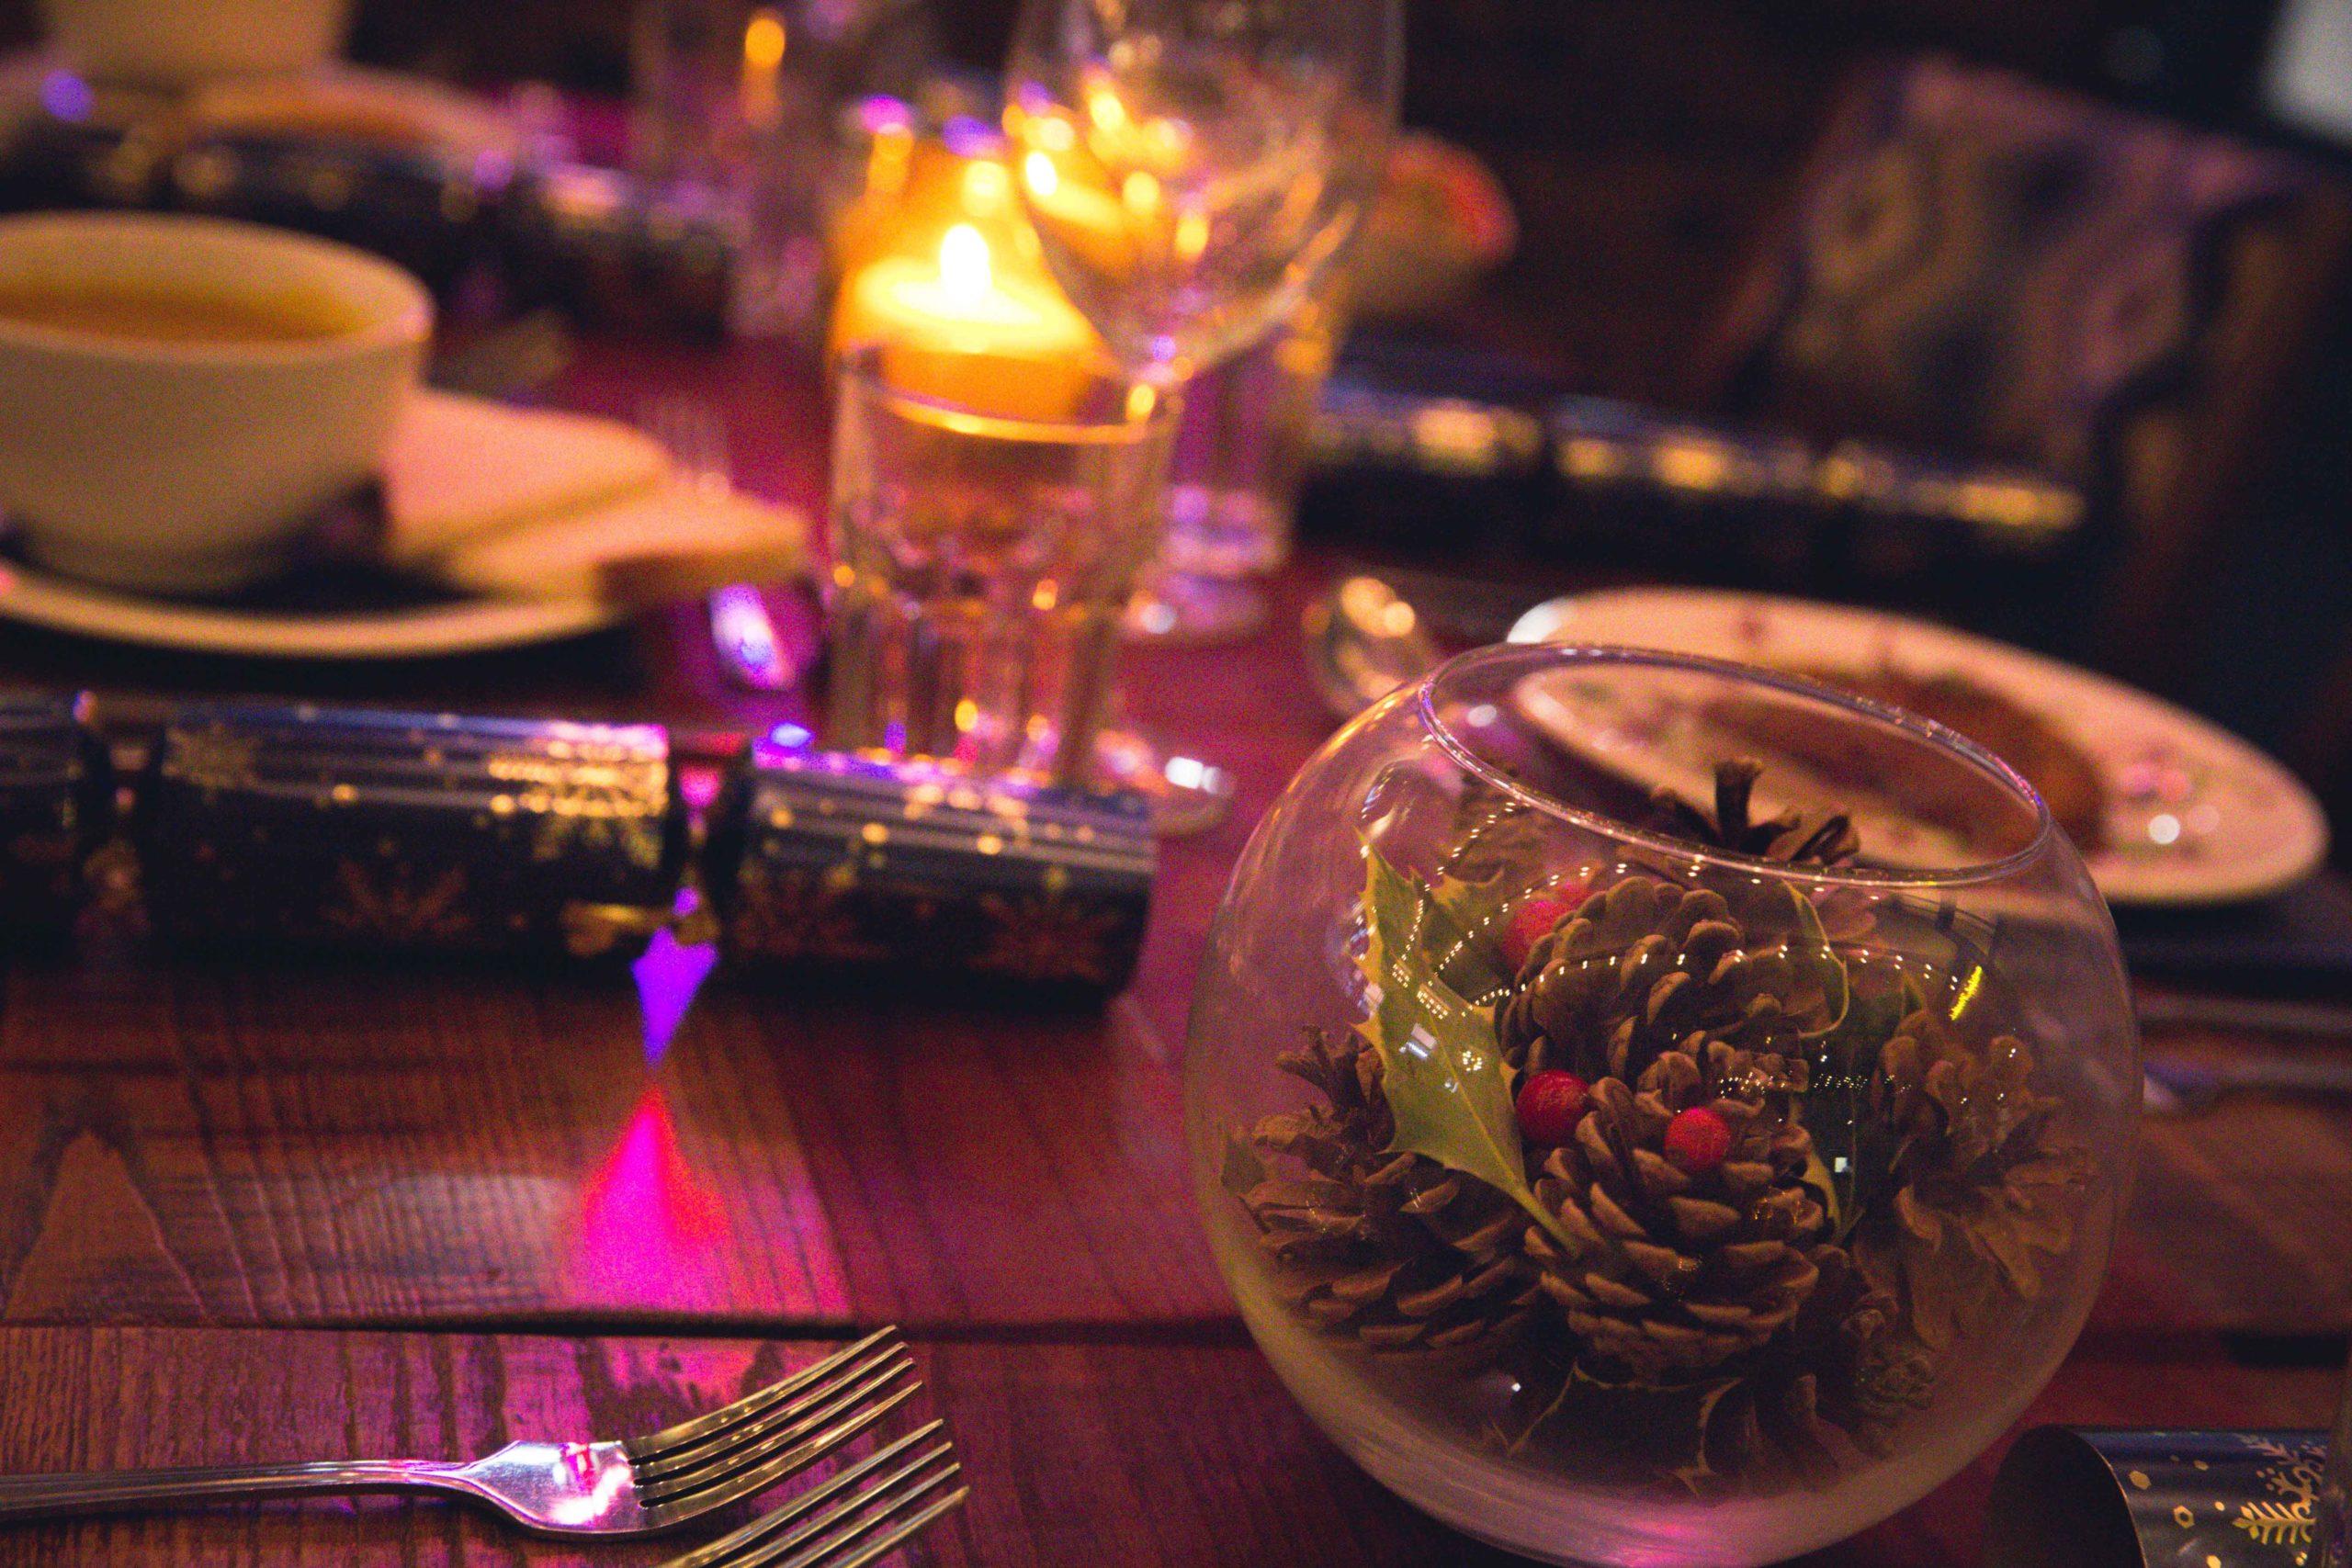 Forum festive table decorations 1